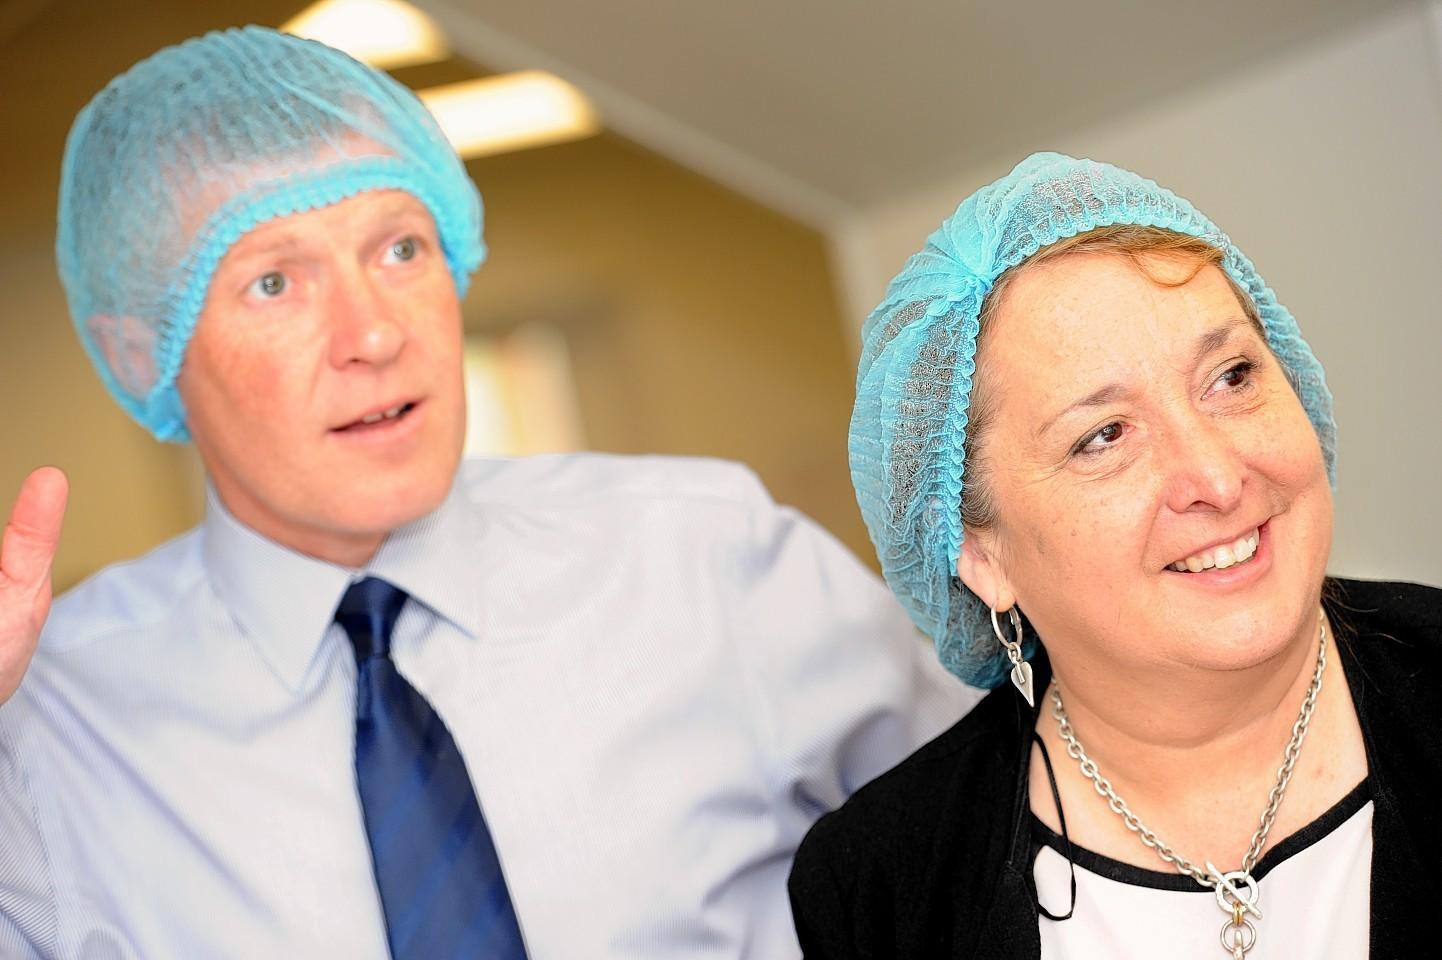 Scottish Lib Dem leader Willie Rennie joined Christine Jardine campaigning in Inverurie